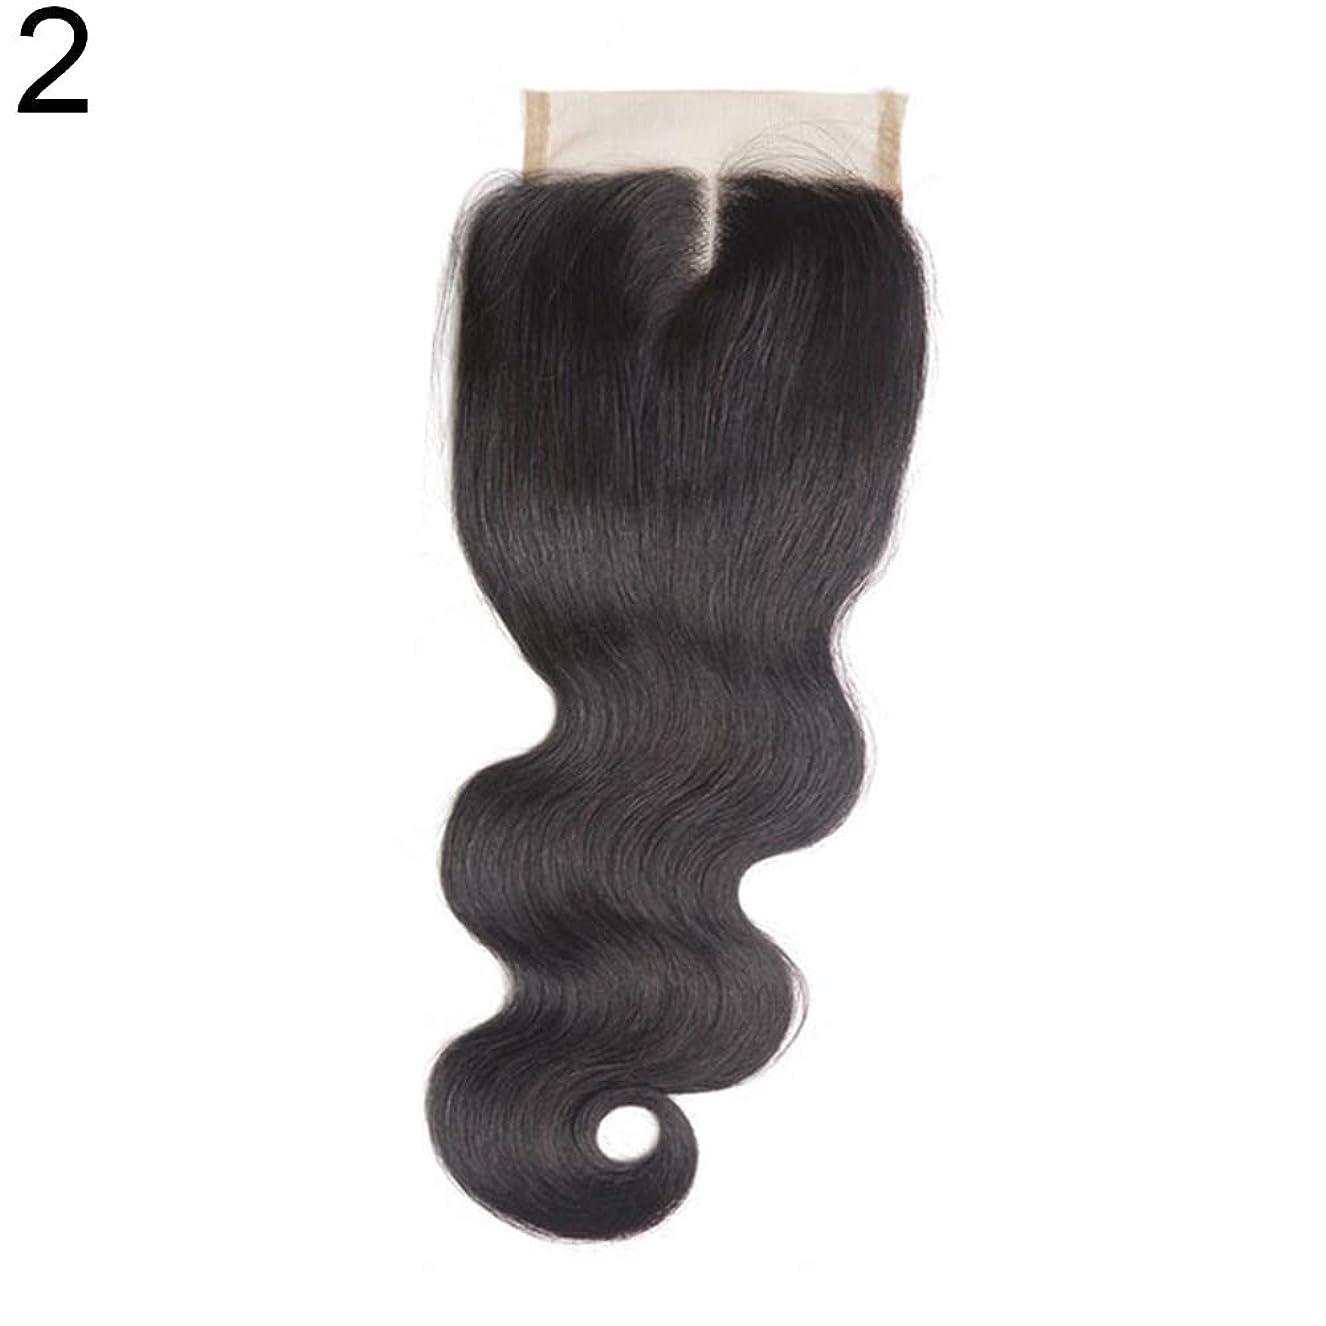 誘発する聴覚刑務所slQinjiansav女性ウィッグ修理ツールブラジルのミドル/フリー/3部人間の髪のレース閉鎖ウィッグ黒ヘアピース